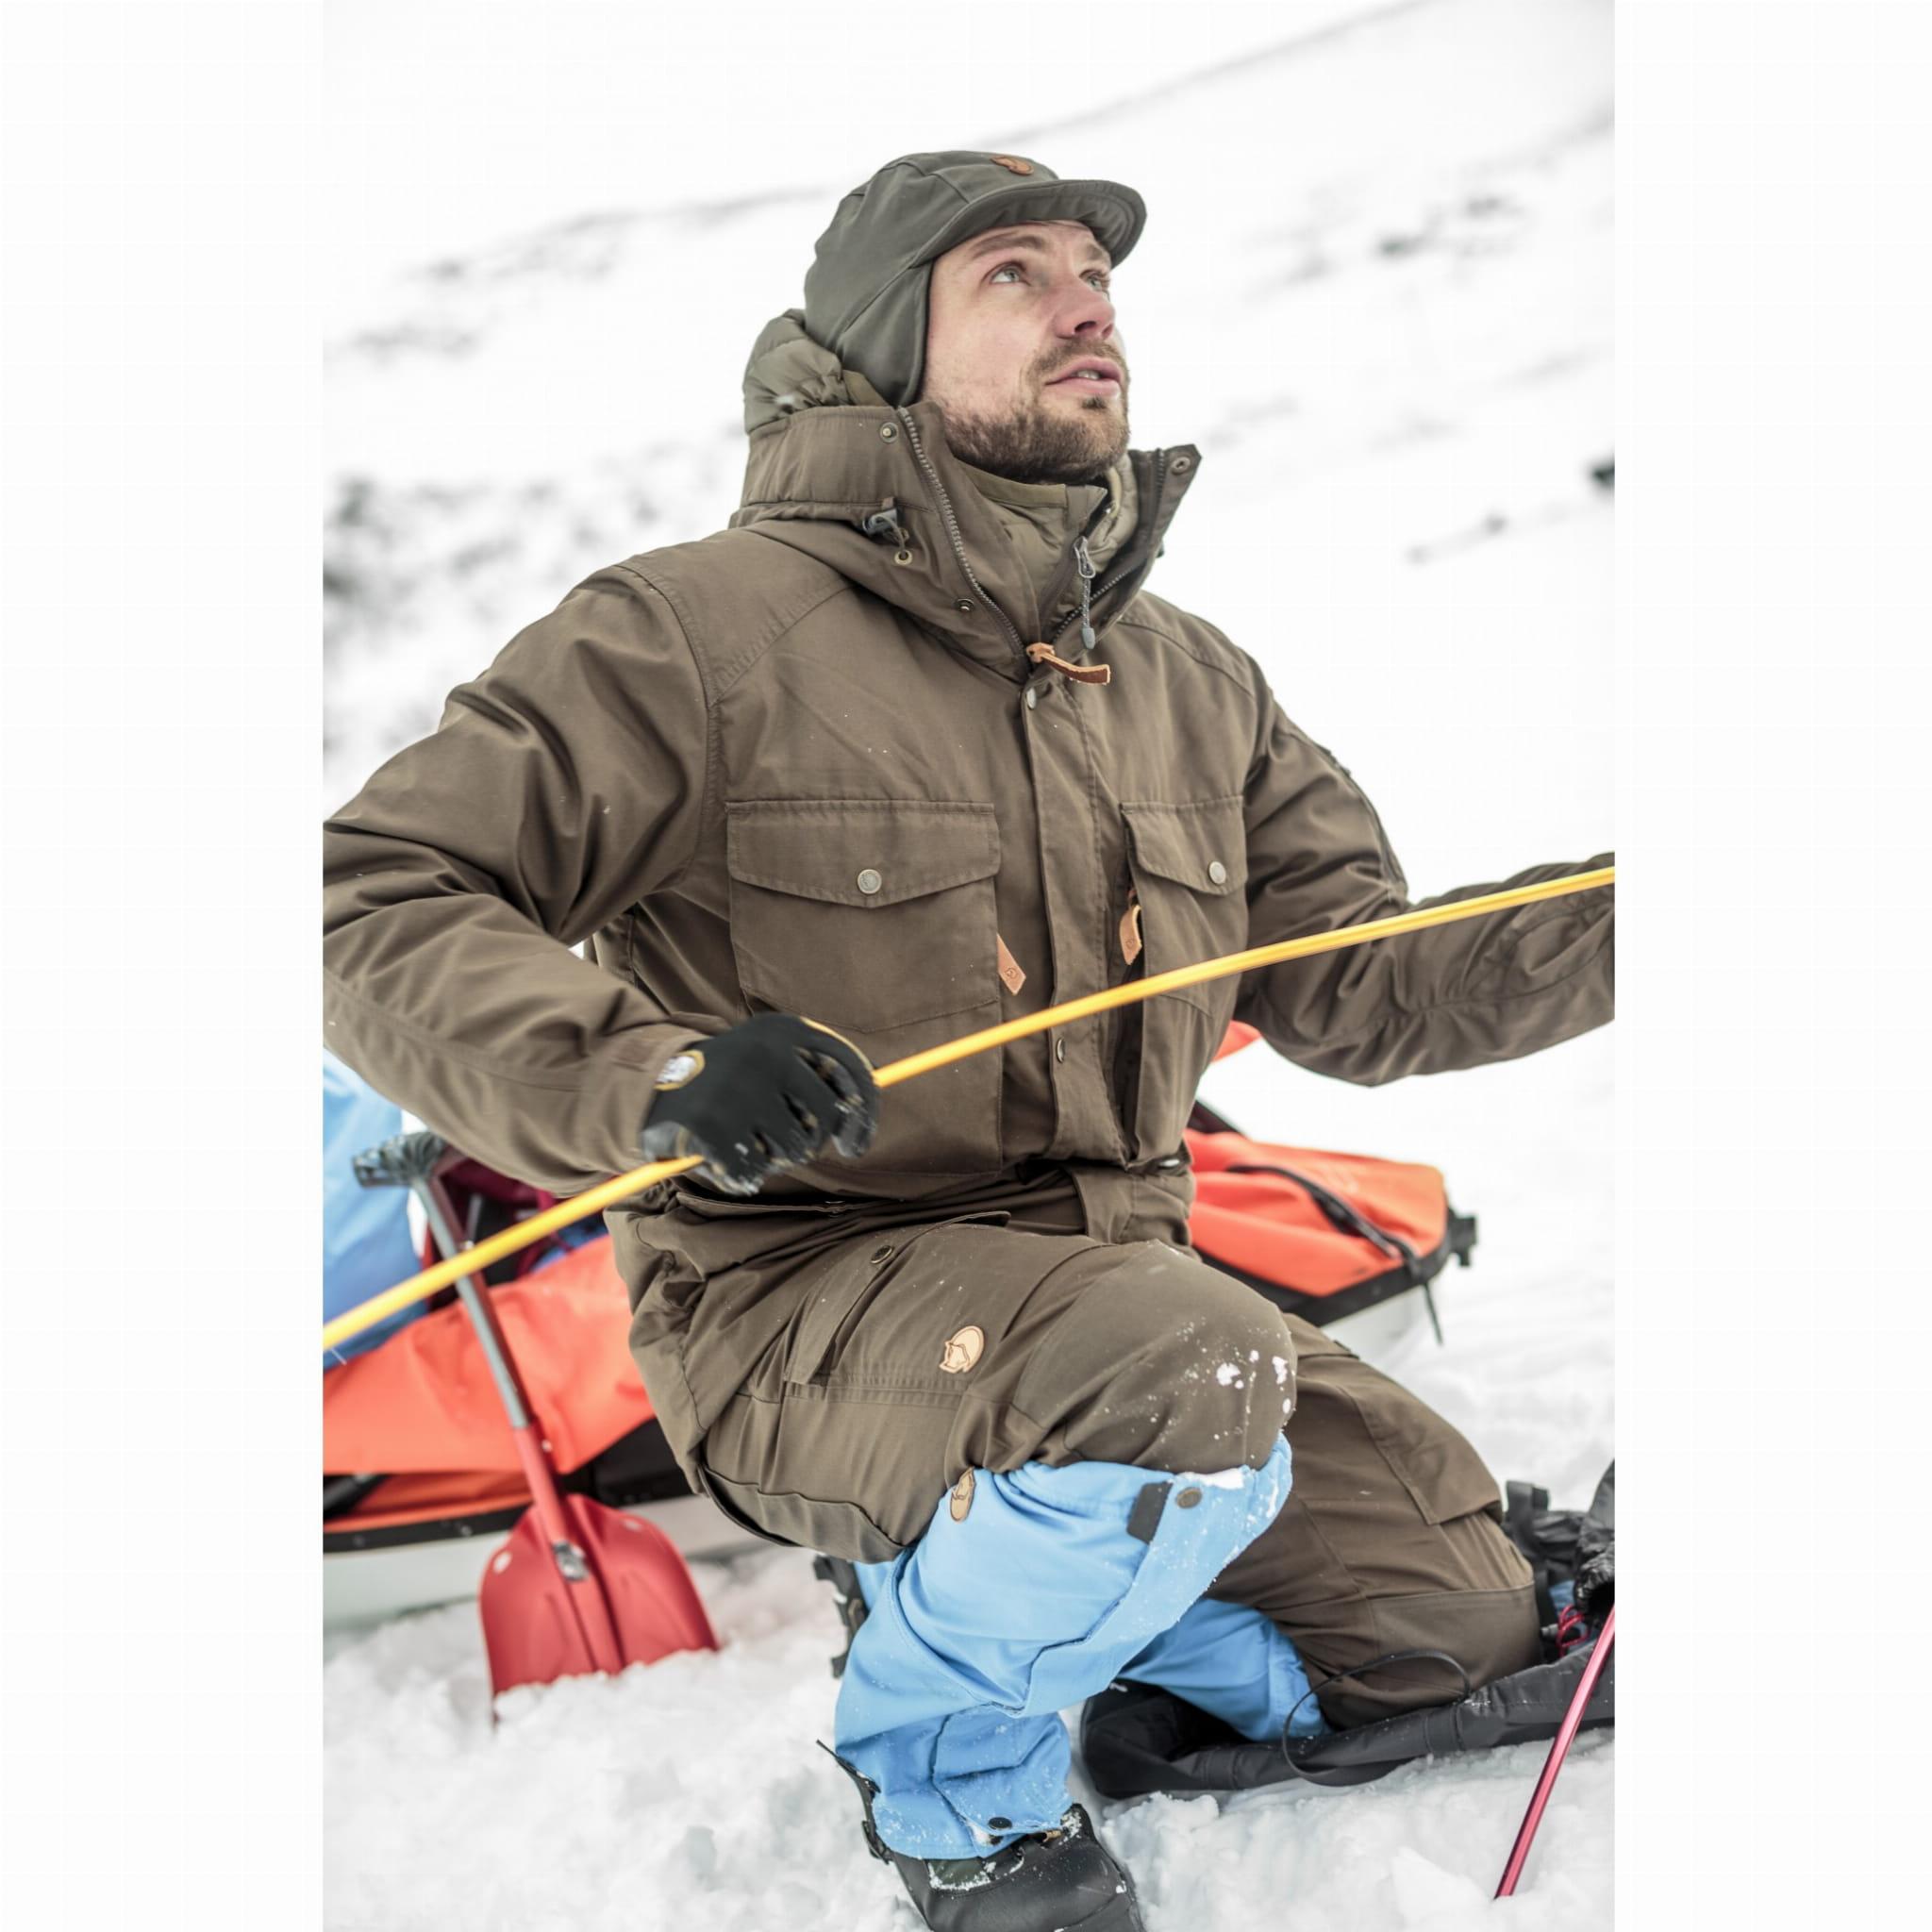 Singi trekking jacket - 81787- Fjallraven-shop.pl a63a7773820be